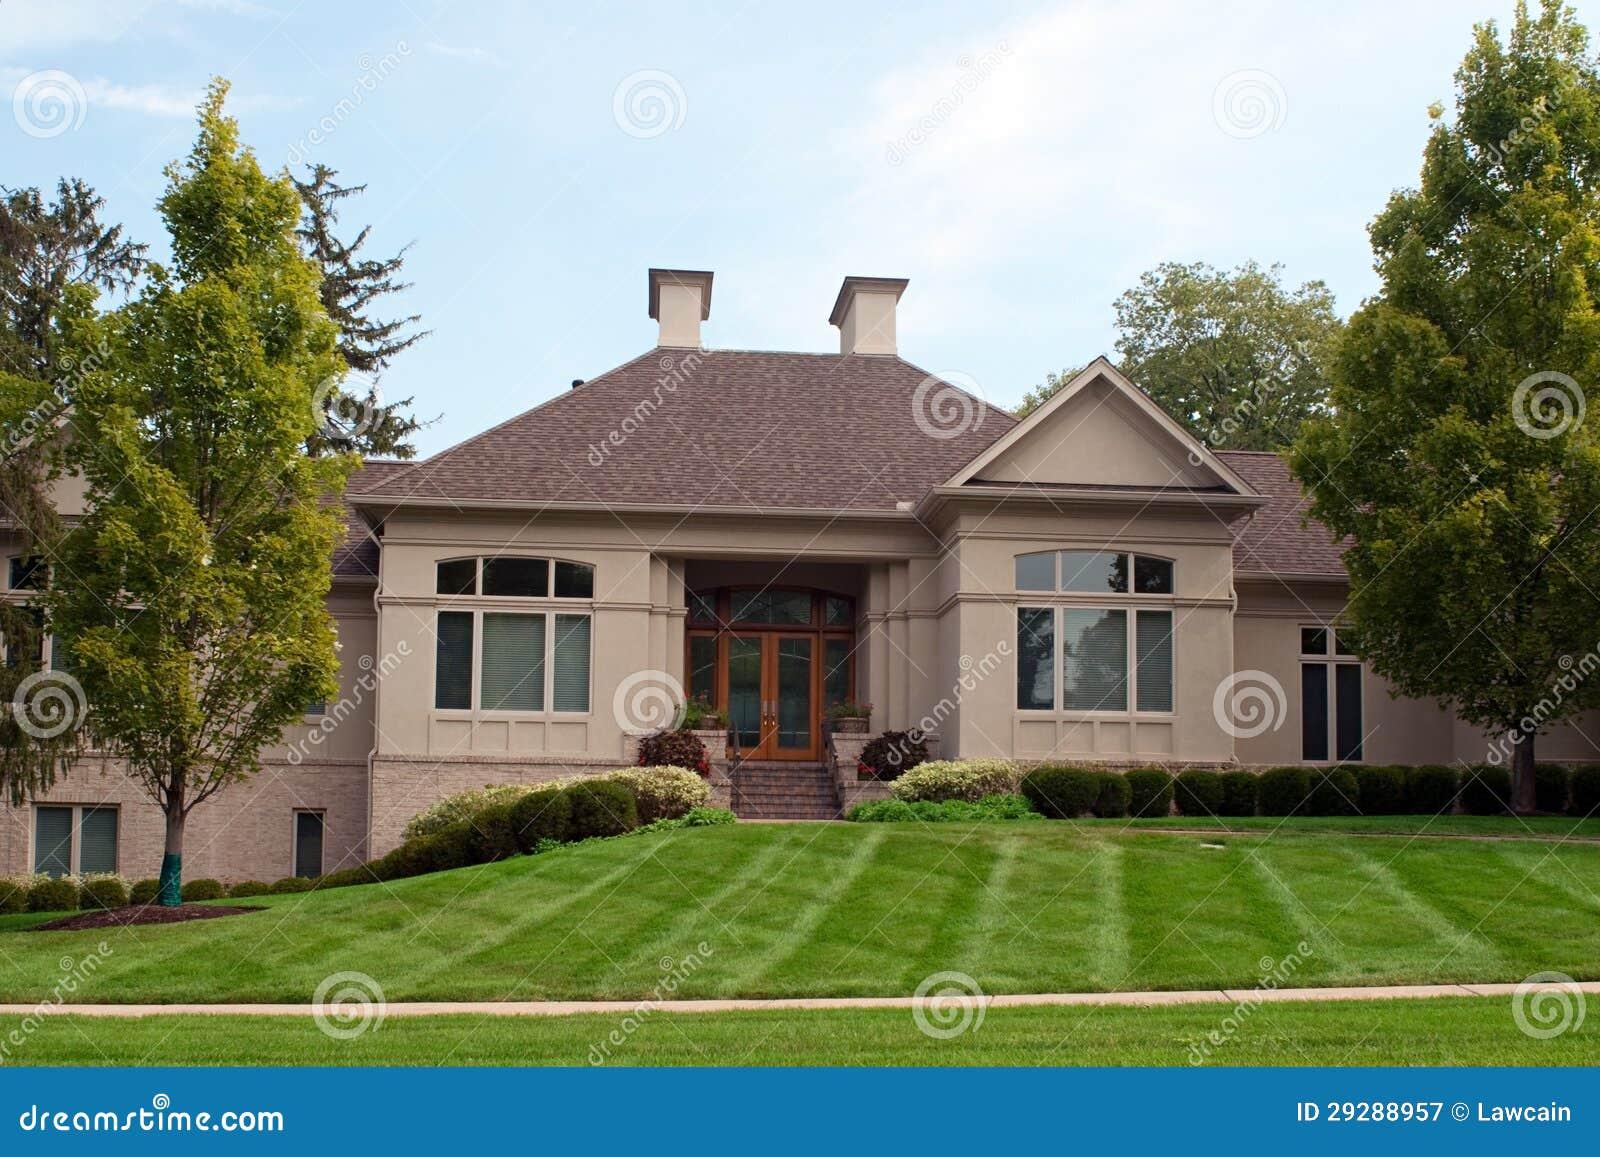 Maison de luxe avec deux chemin es de chemin e photographie stock libre de dr - Maison avec cheminee ...